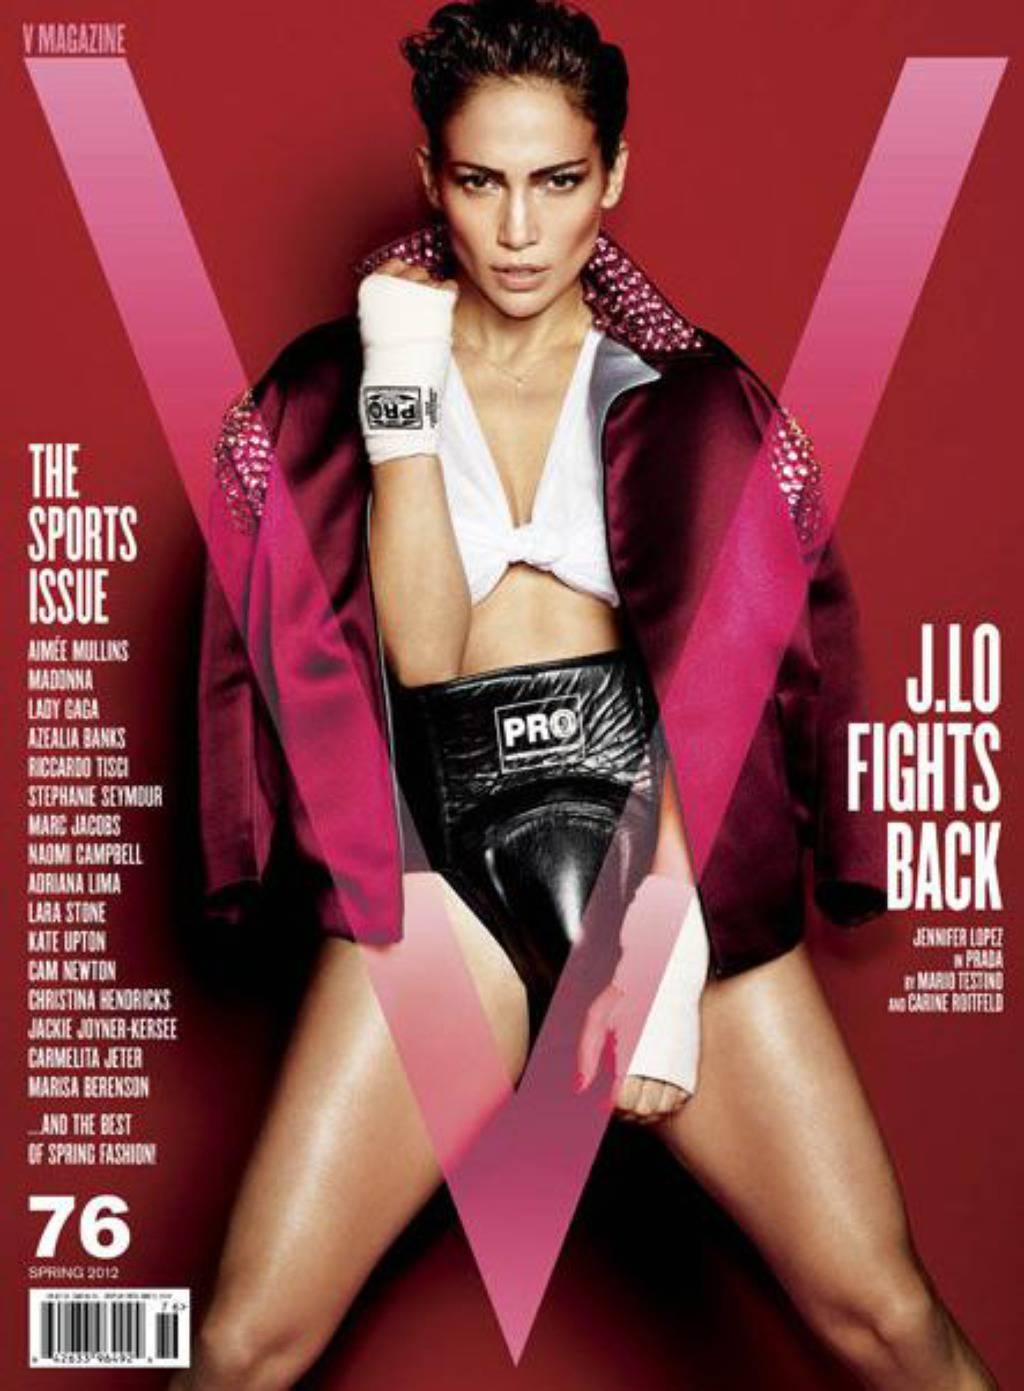 Screenshot/V Magazine